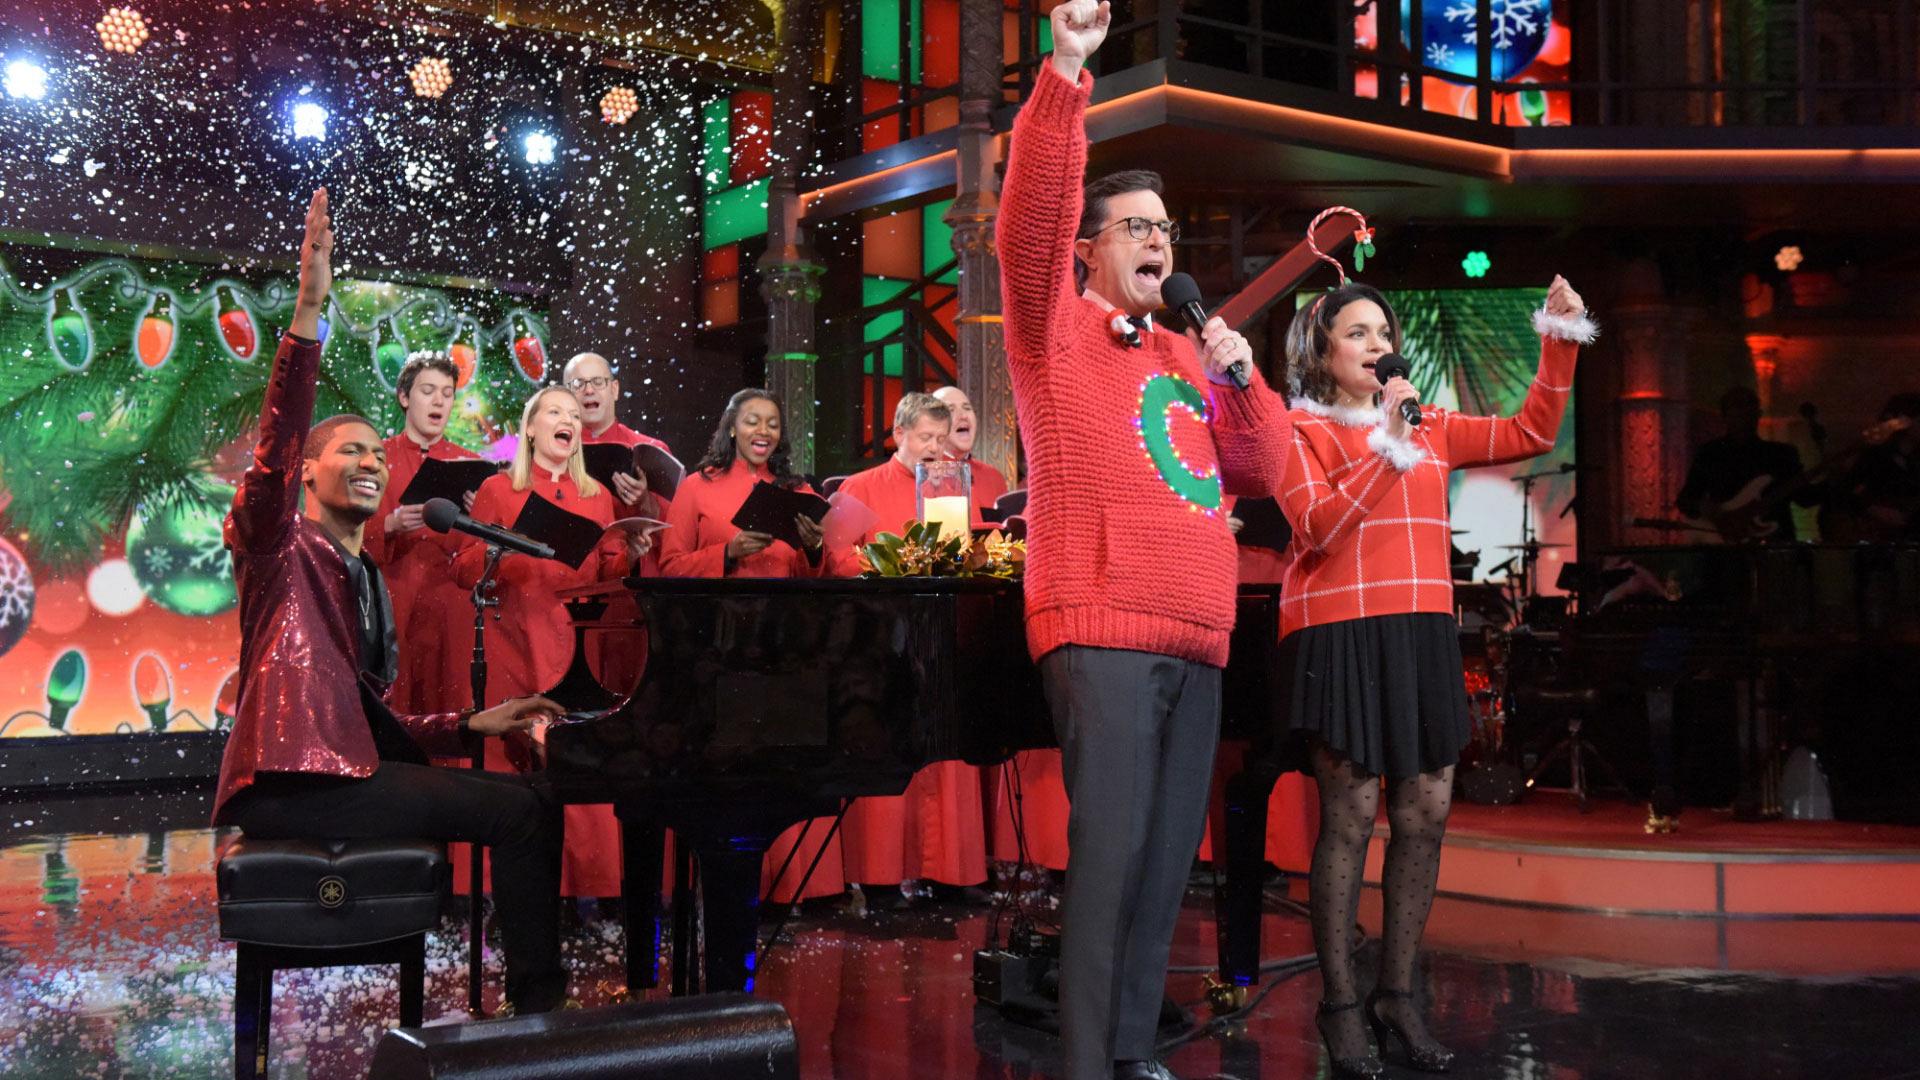 Happy holidays from CBS!